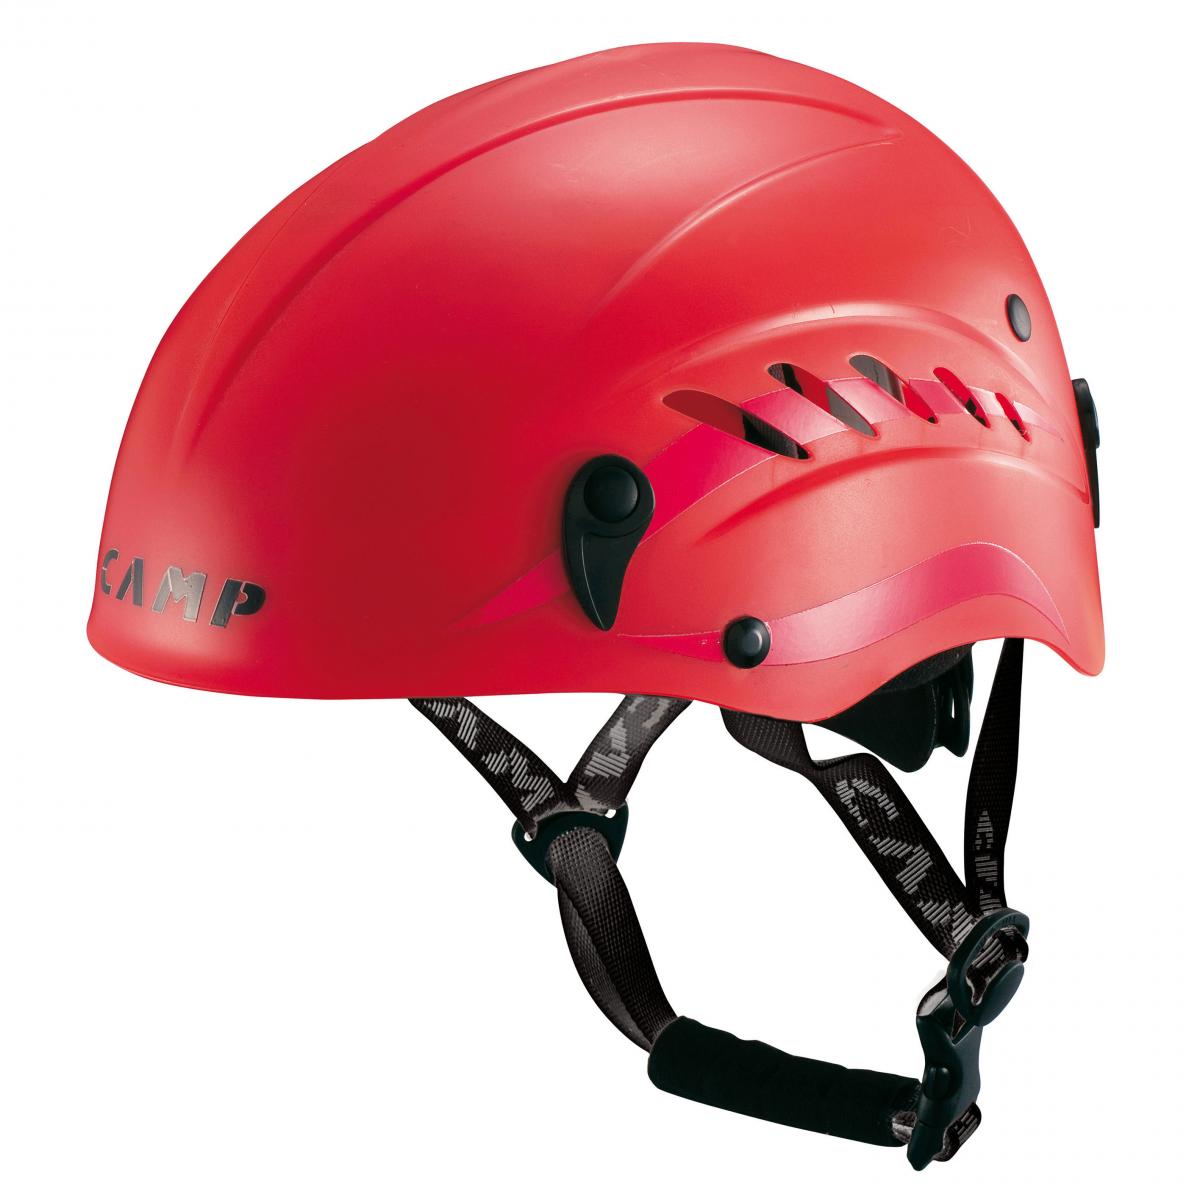 Výstroj na hasičský šport  ace865f13a4